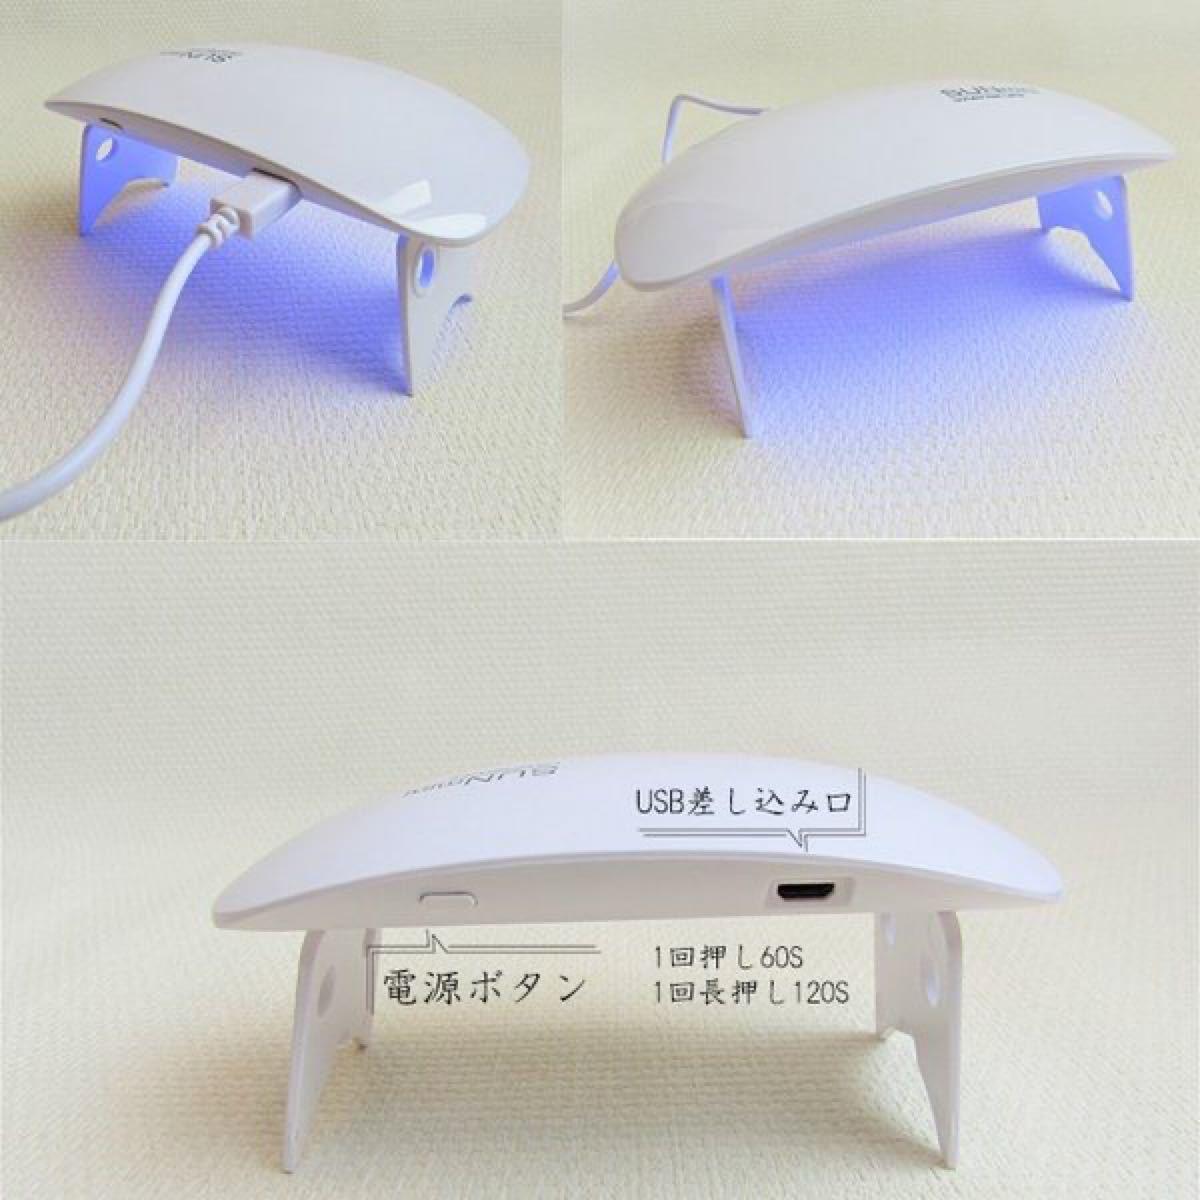 UV LED ライト ネイルライト ジェルネイル 6w 薄型 軽量 レジン 硬化